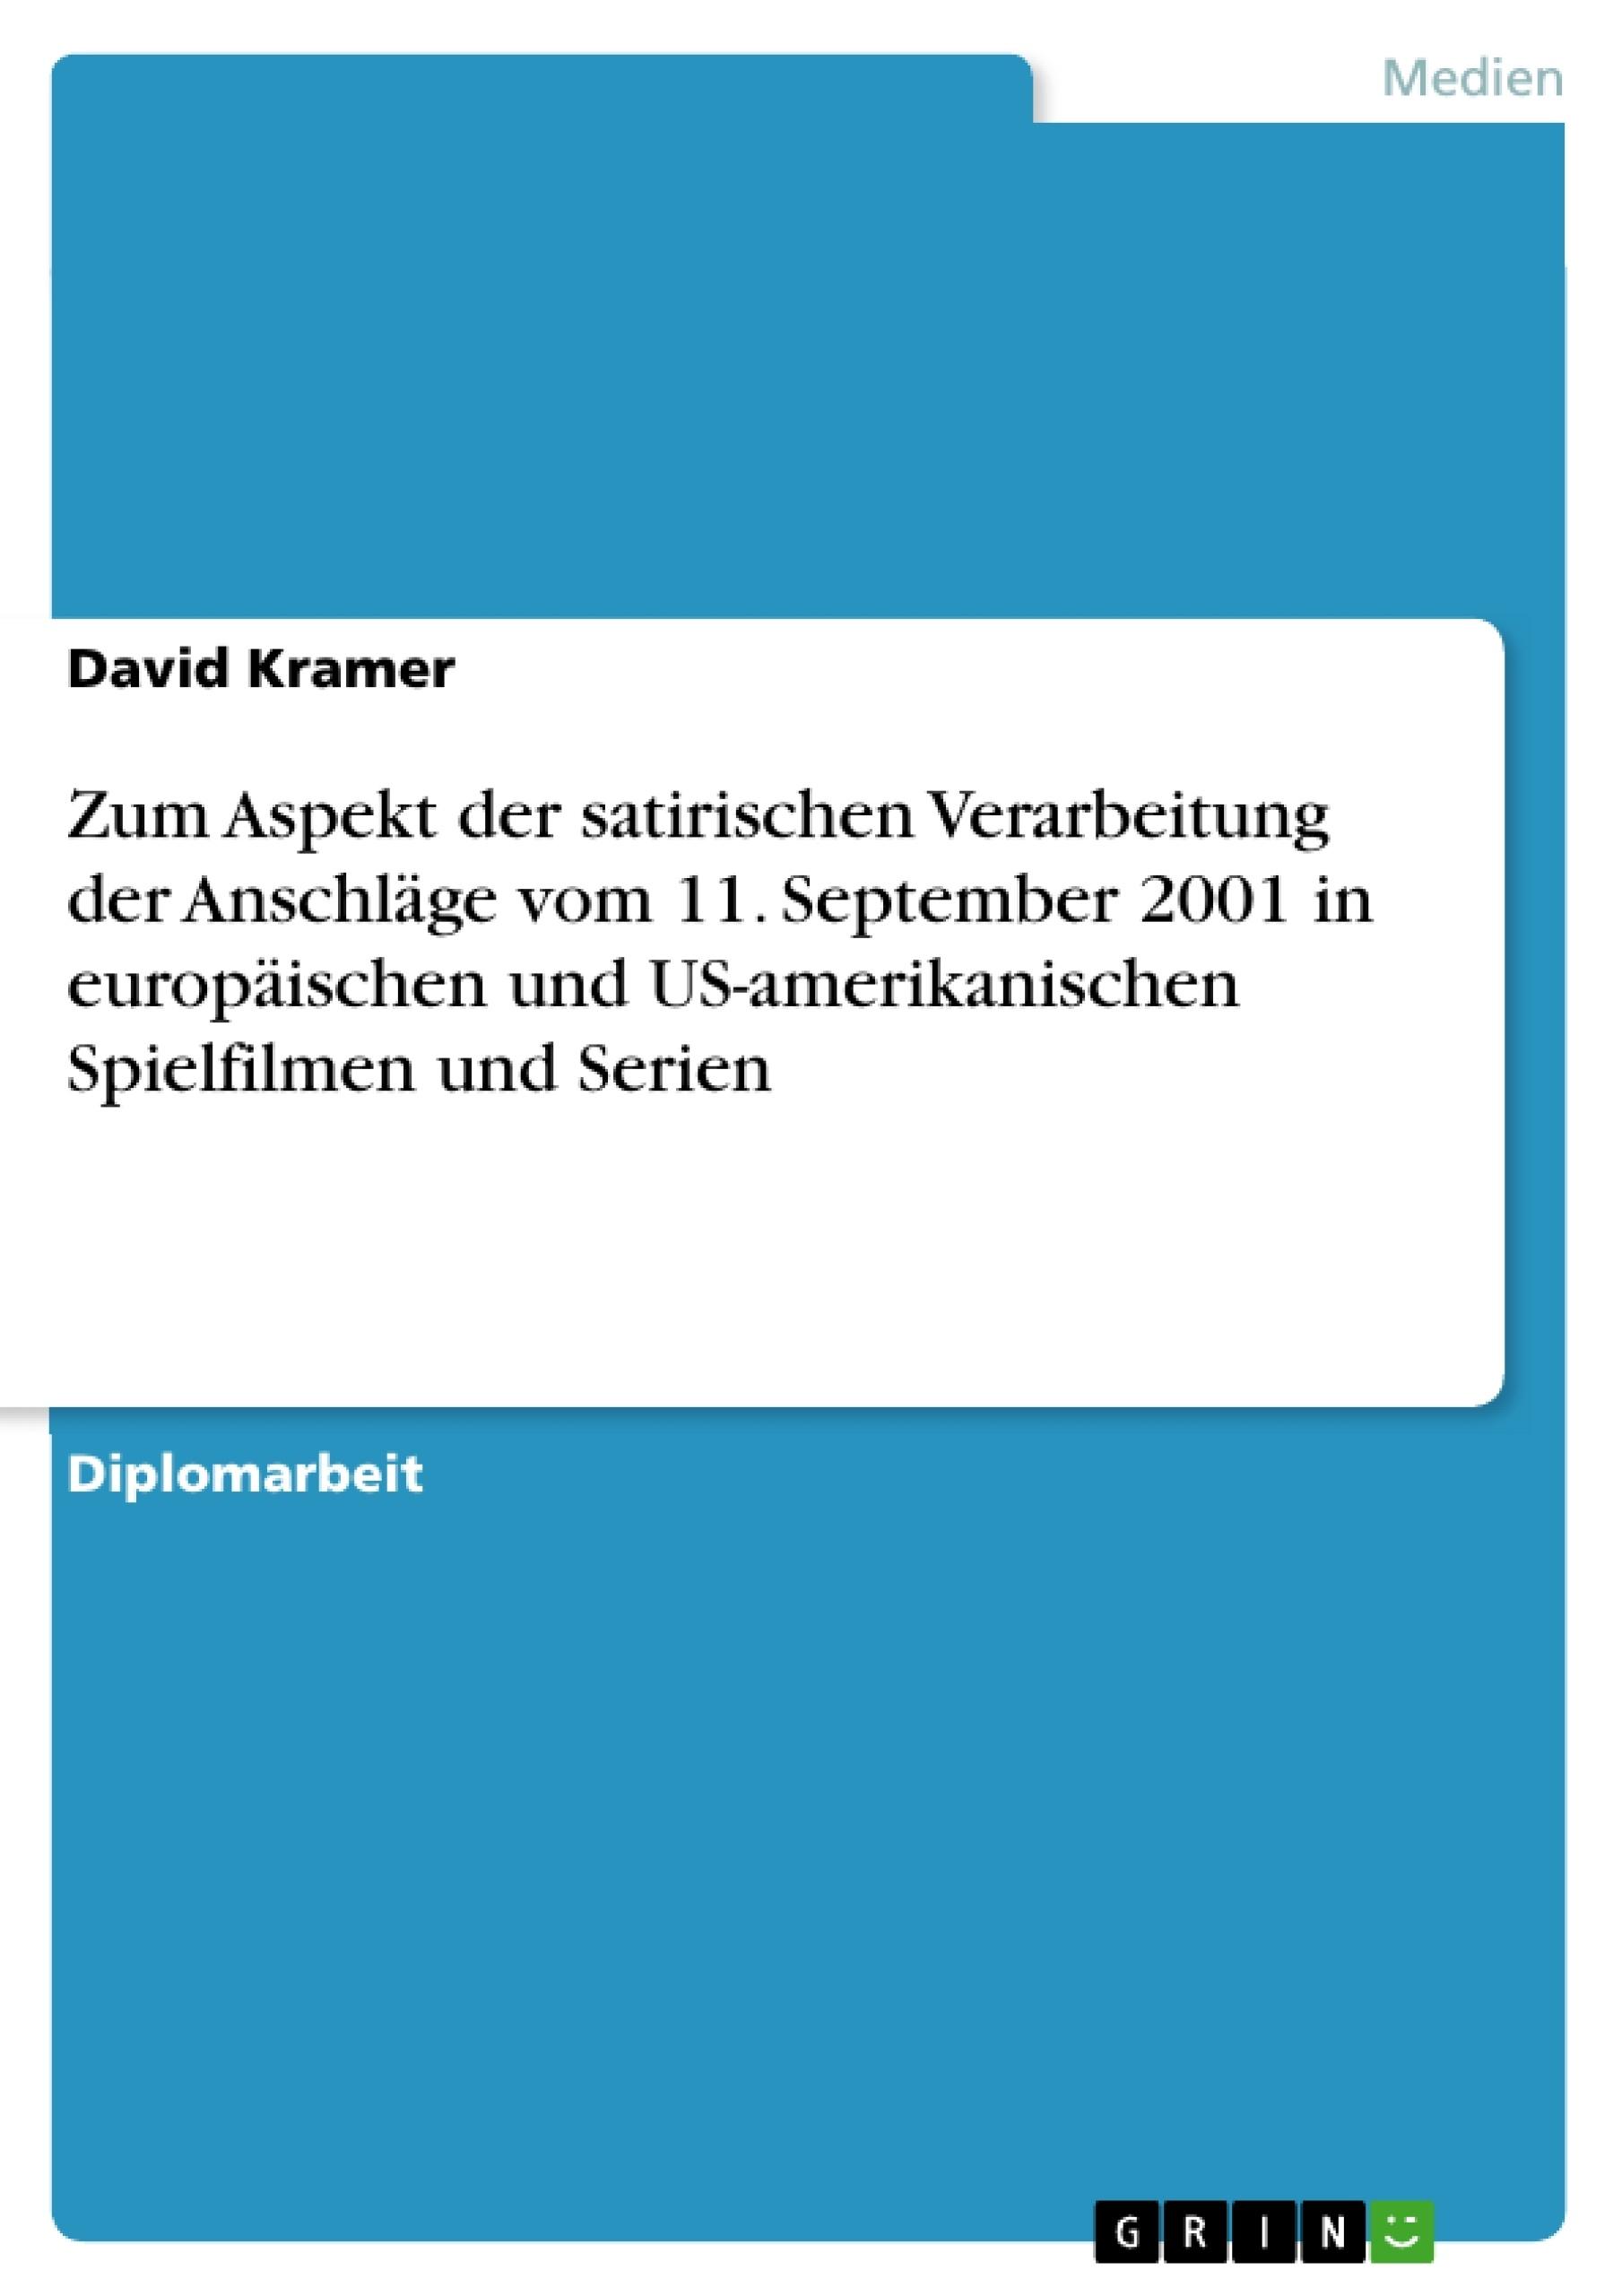 Titel: Zum Aspekt der satirischen Verarbeitung der Anschläge vom 11. September 2001 in europäischen und US-amerikanischen Spielfilmen und Serien